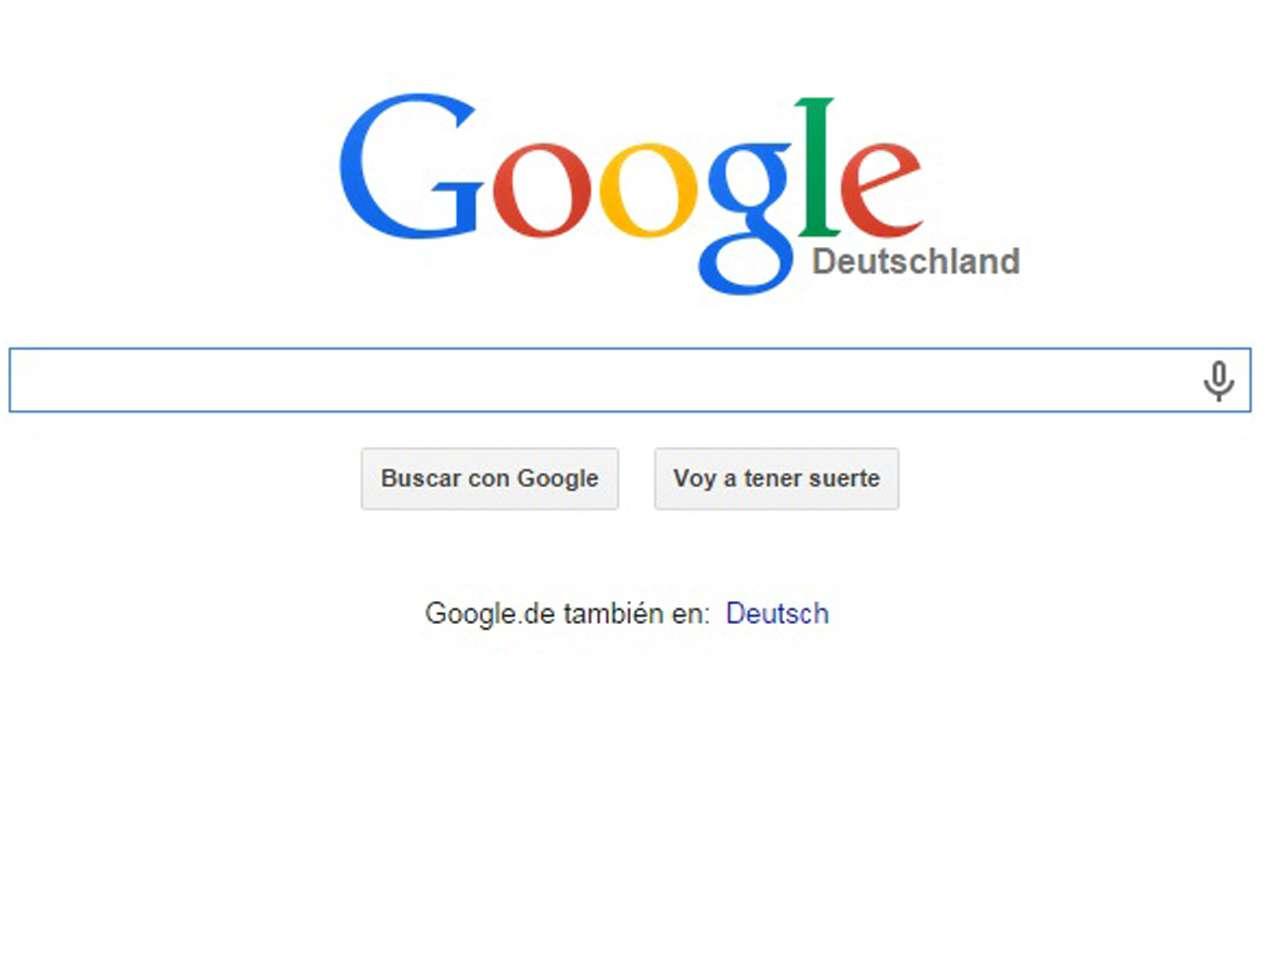 La amputación de los resultados de búsqueda entrará en vigor el 9 de octubre Foto: Especial/Imagen tomada de Google